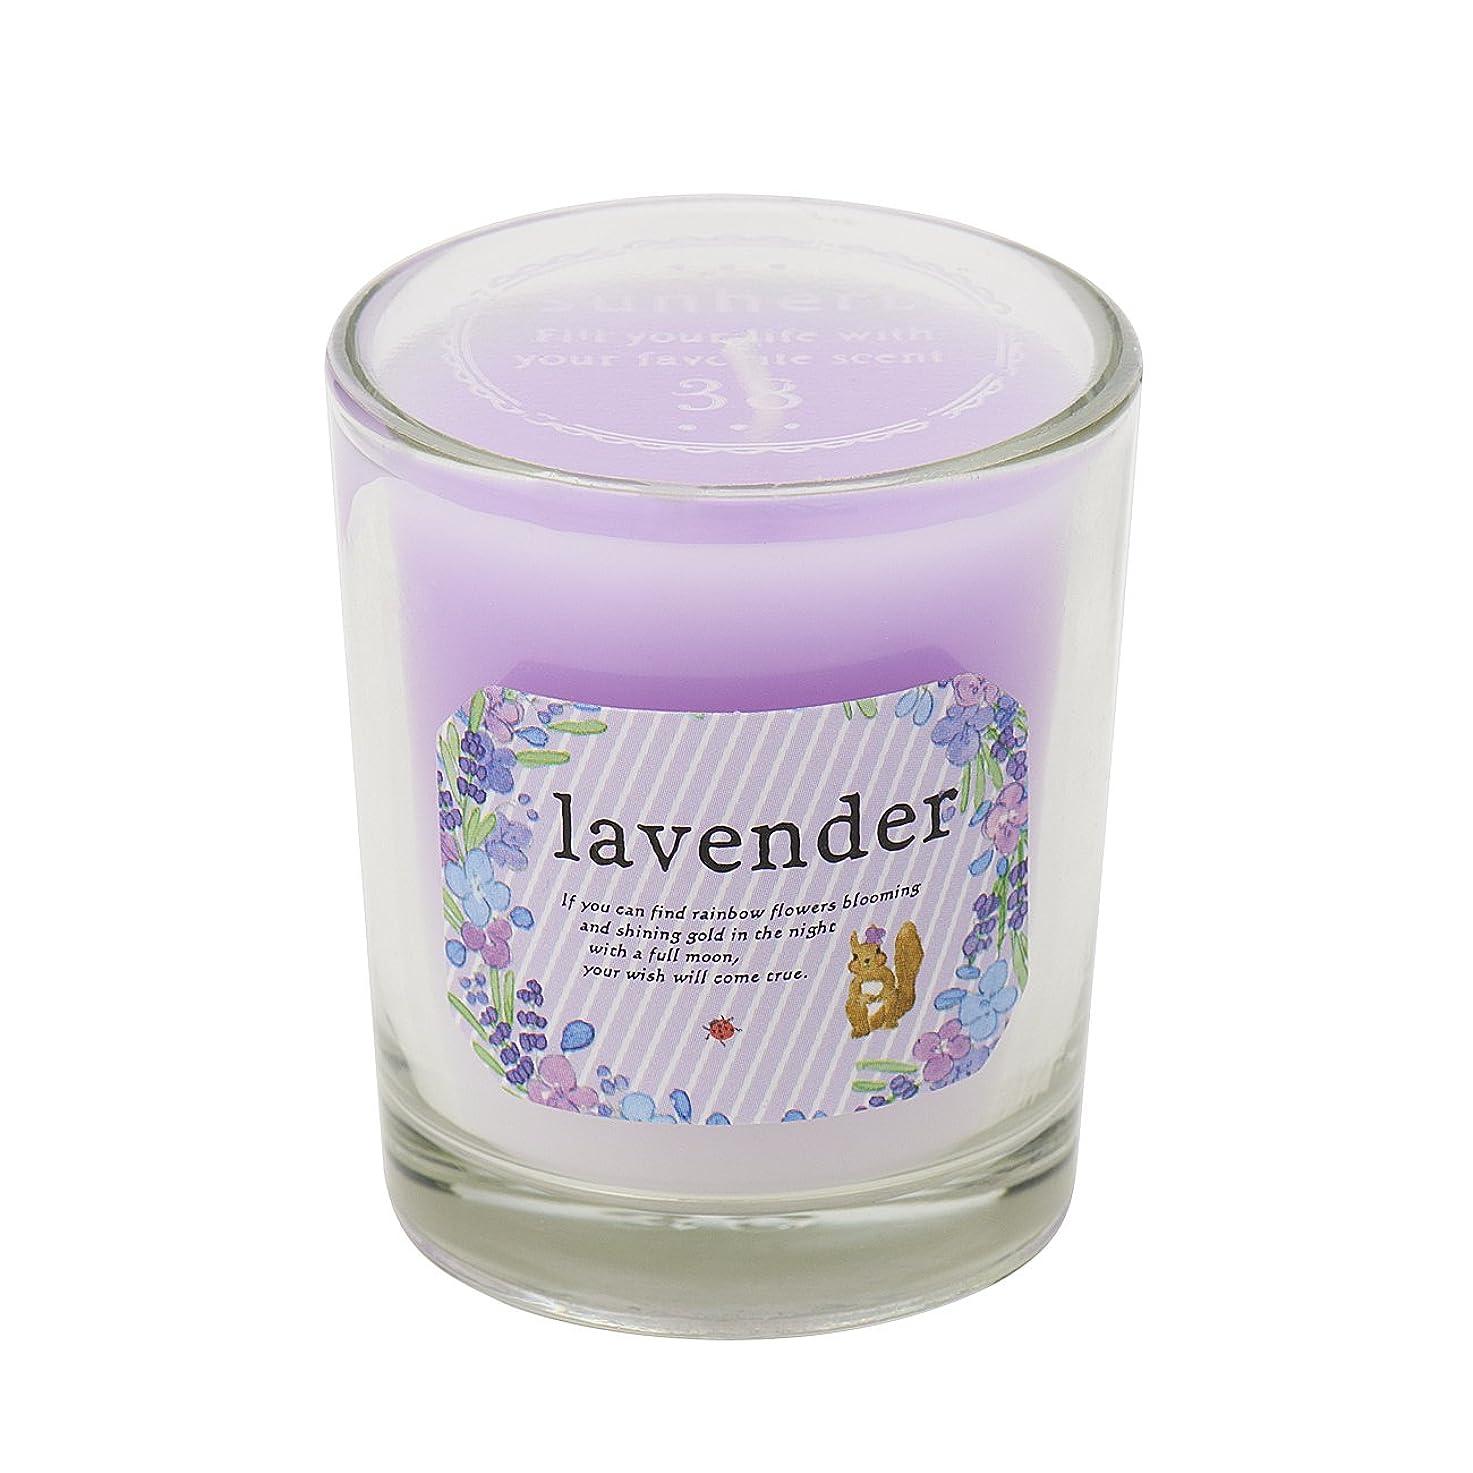 確立しますお勧め投資サンハーブ グラスキャンドル ラベンダー 35g(グラデーションろうそく 燃焼時間約10時間 ふわっと爽やかなラベンダーの香り)